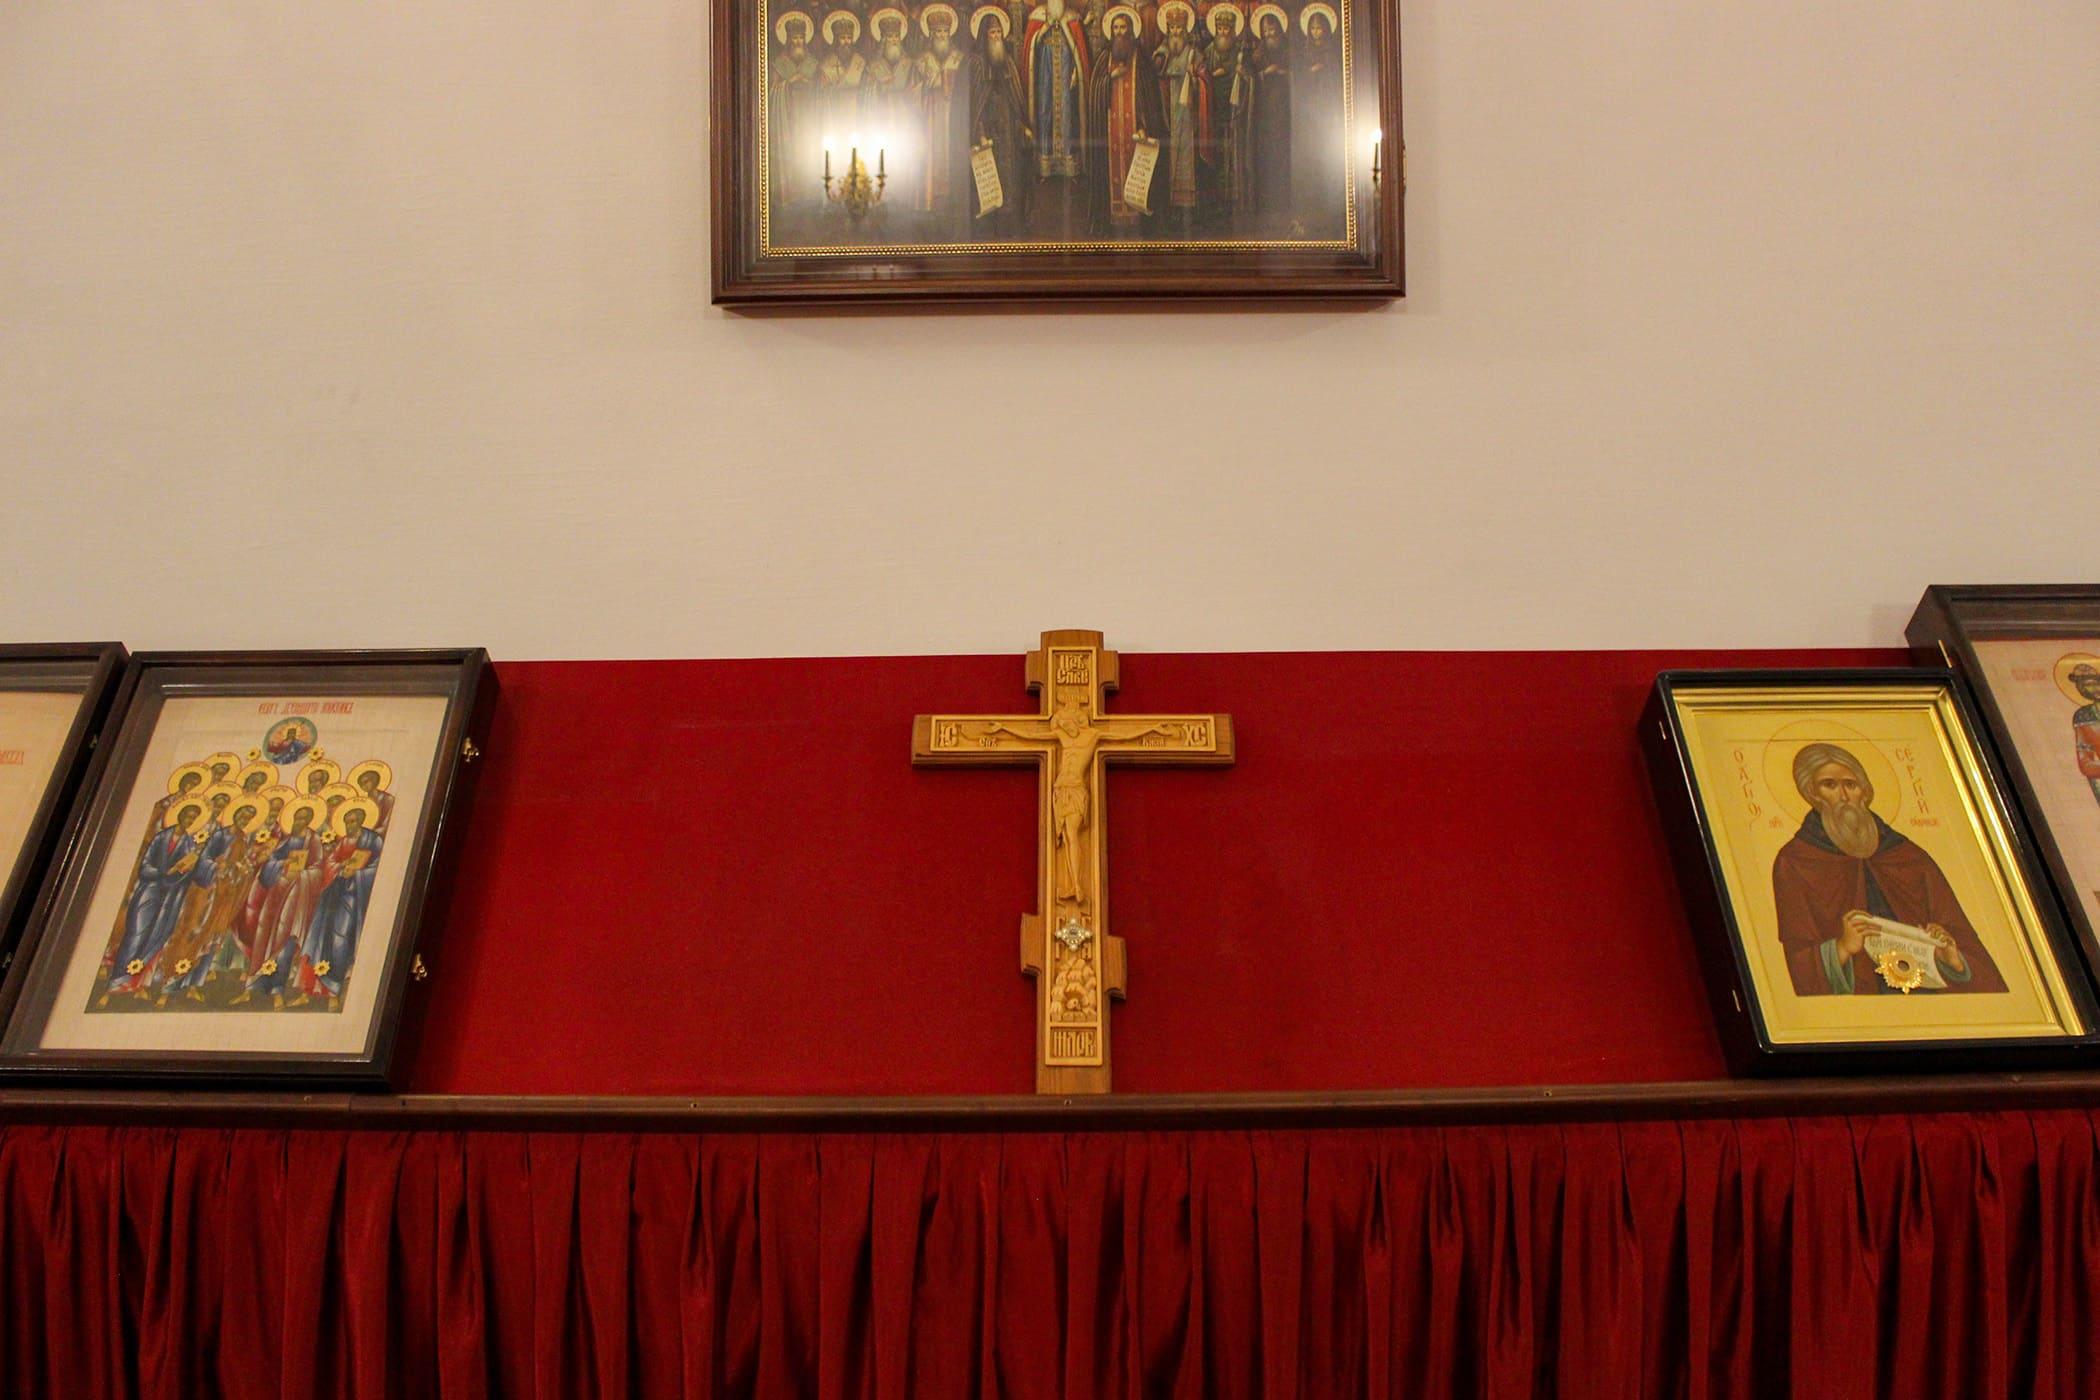 «Кресте пречестный, / eгоже обстоят чини ангельстии, веселящеся, / днесь воздвизаемь…» В Нило-Столобенской пустыни встретили двунадесятый праздник Воздвижения Честного и Животворящего Креста Господня 28